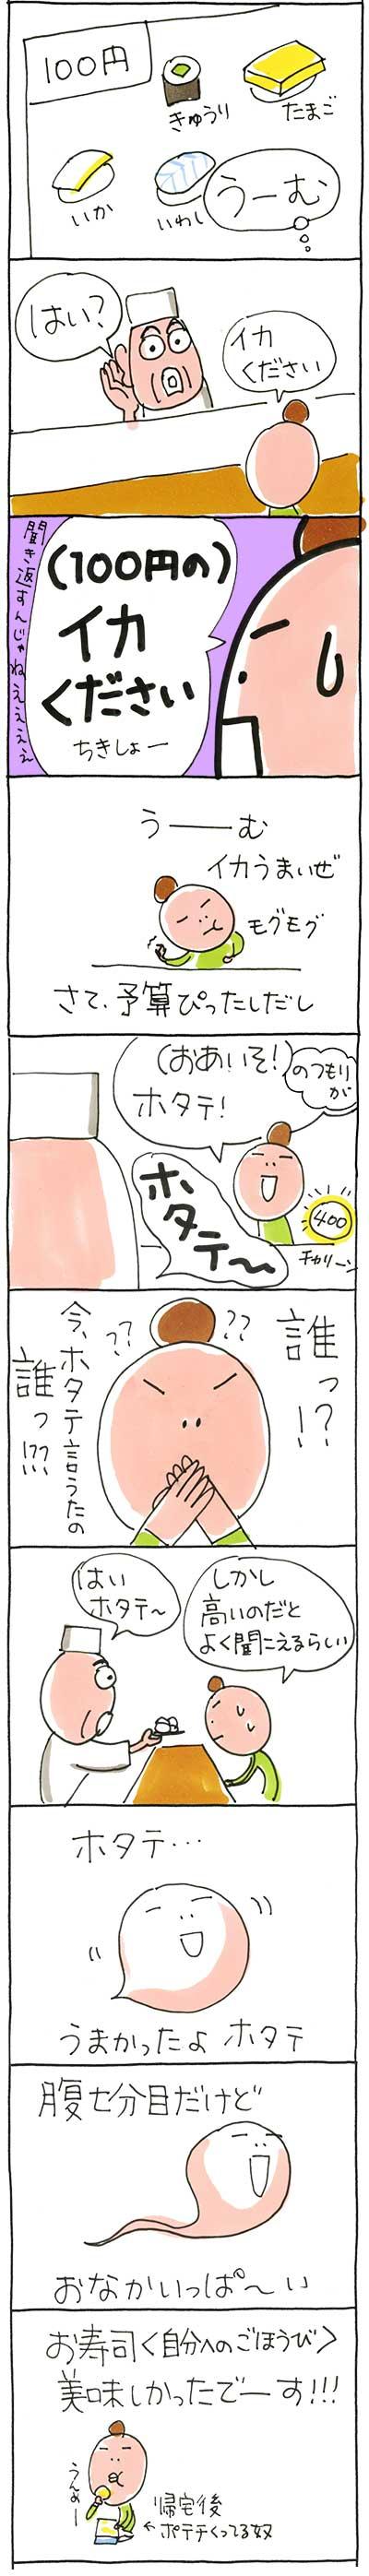 160118寿司その4